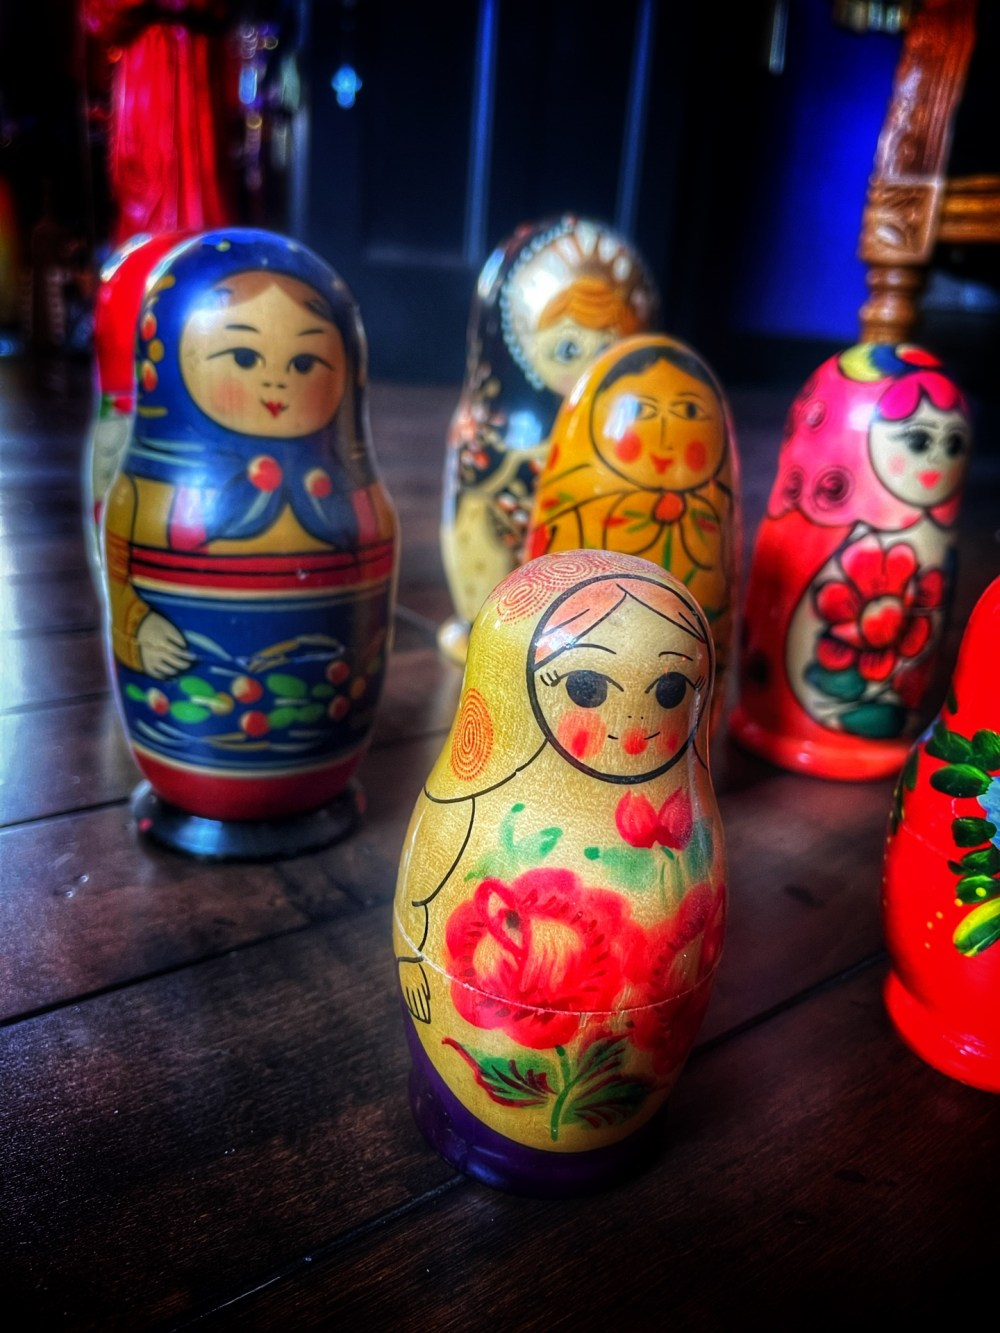 Matryoshka Spell Doll Vintage Surprise